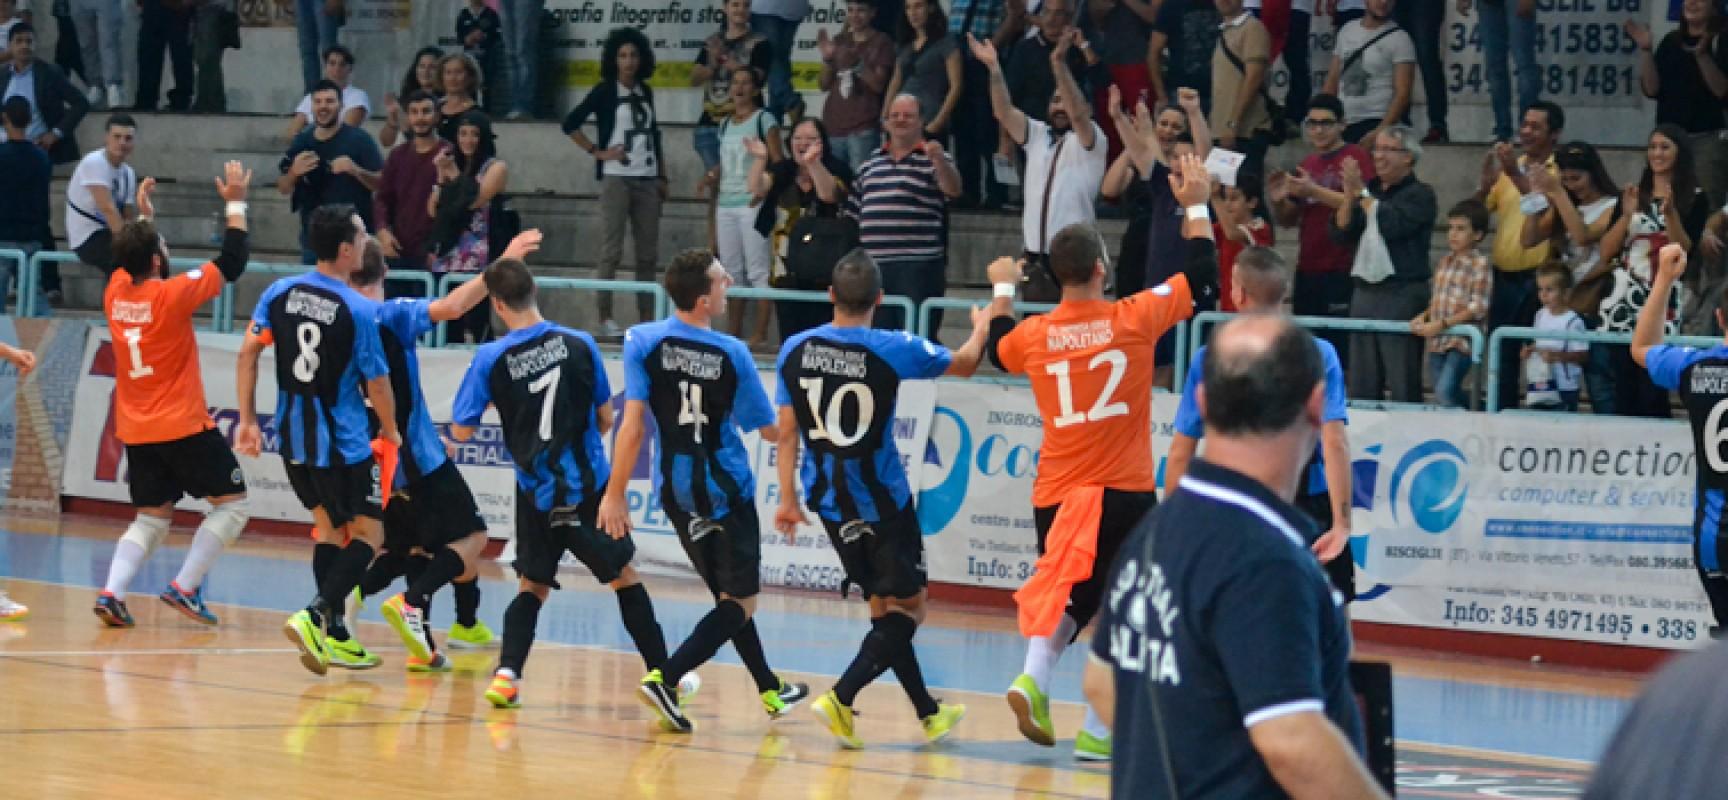 """Sabato 6 dicembre, contro il Cristian Barletta, giornata """"Pro Futsal Bisceglie"""""""